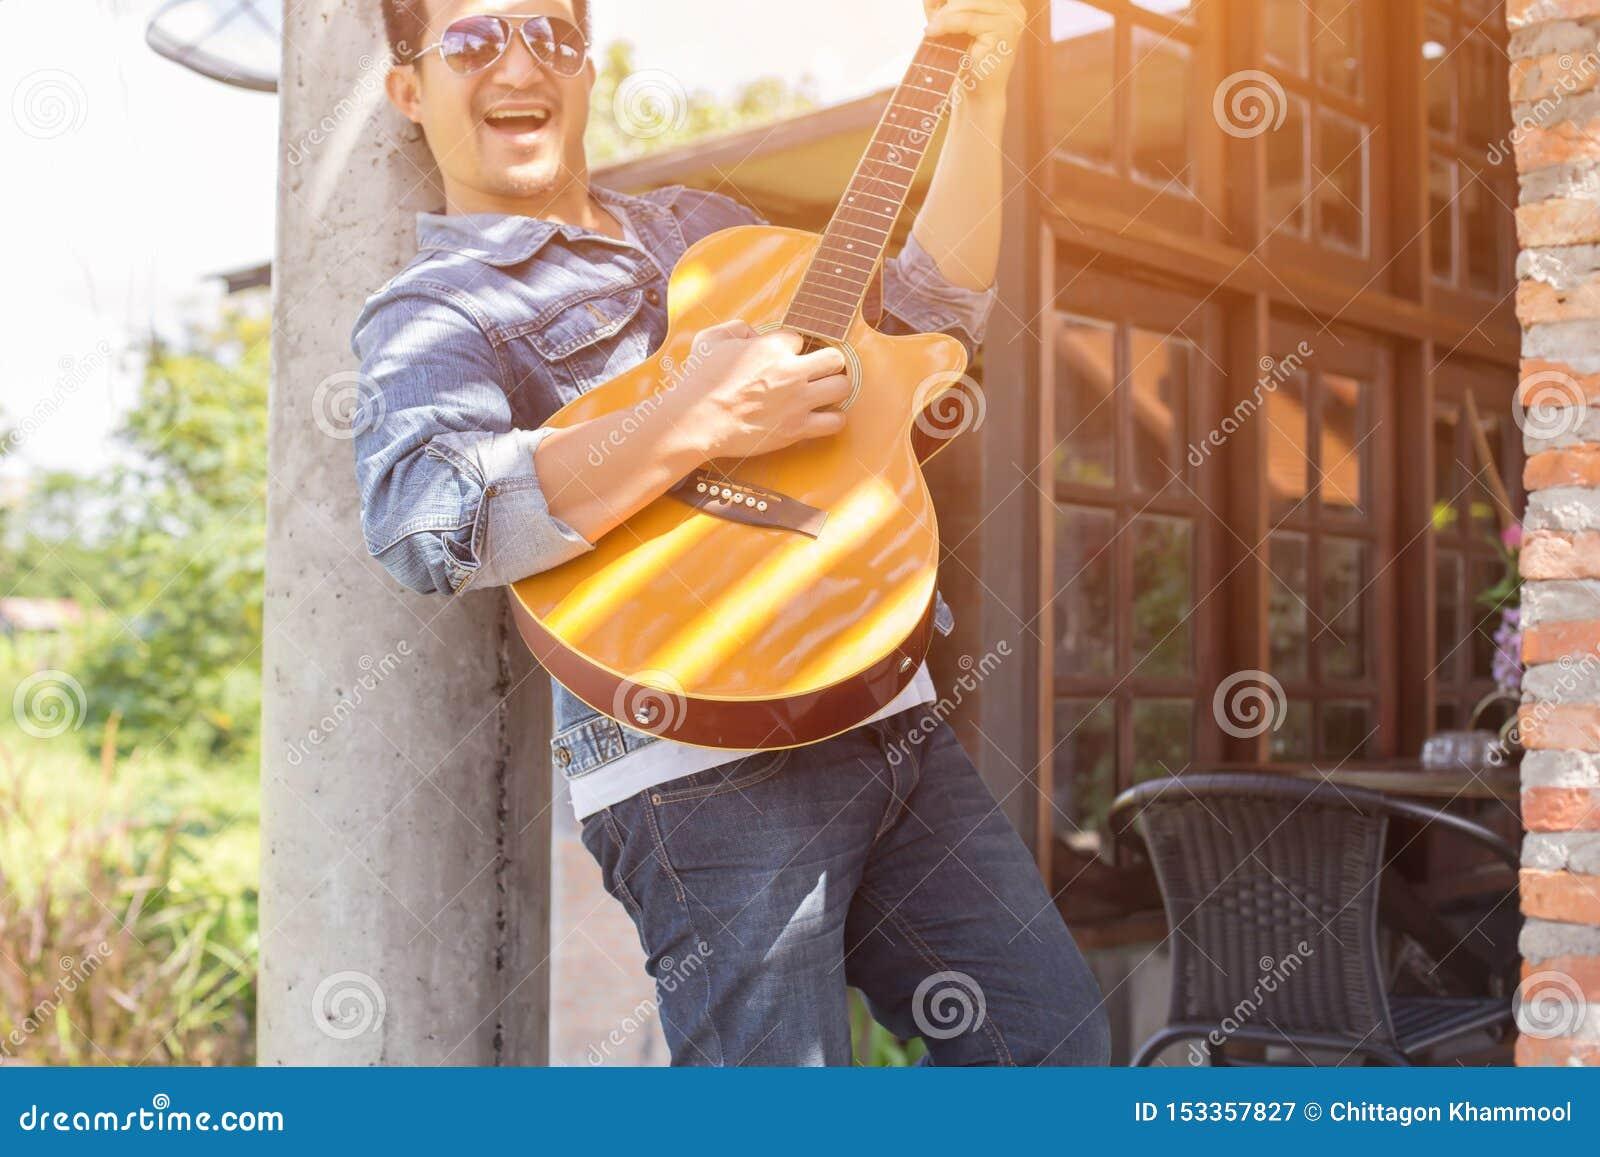 En parc, heureux pratiqu?s jeune la guitare de hippie par homme et ont plaisir ? jouer la guitare